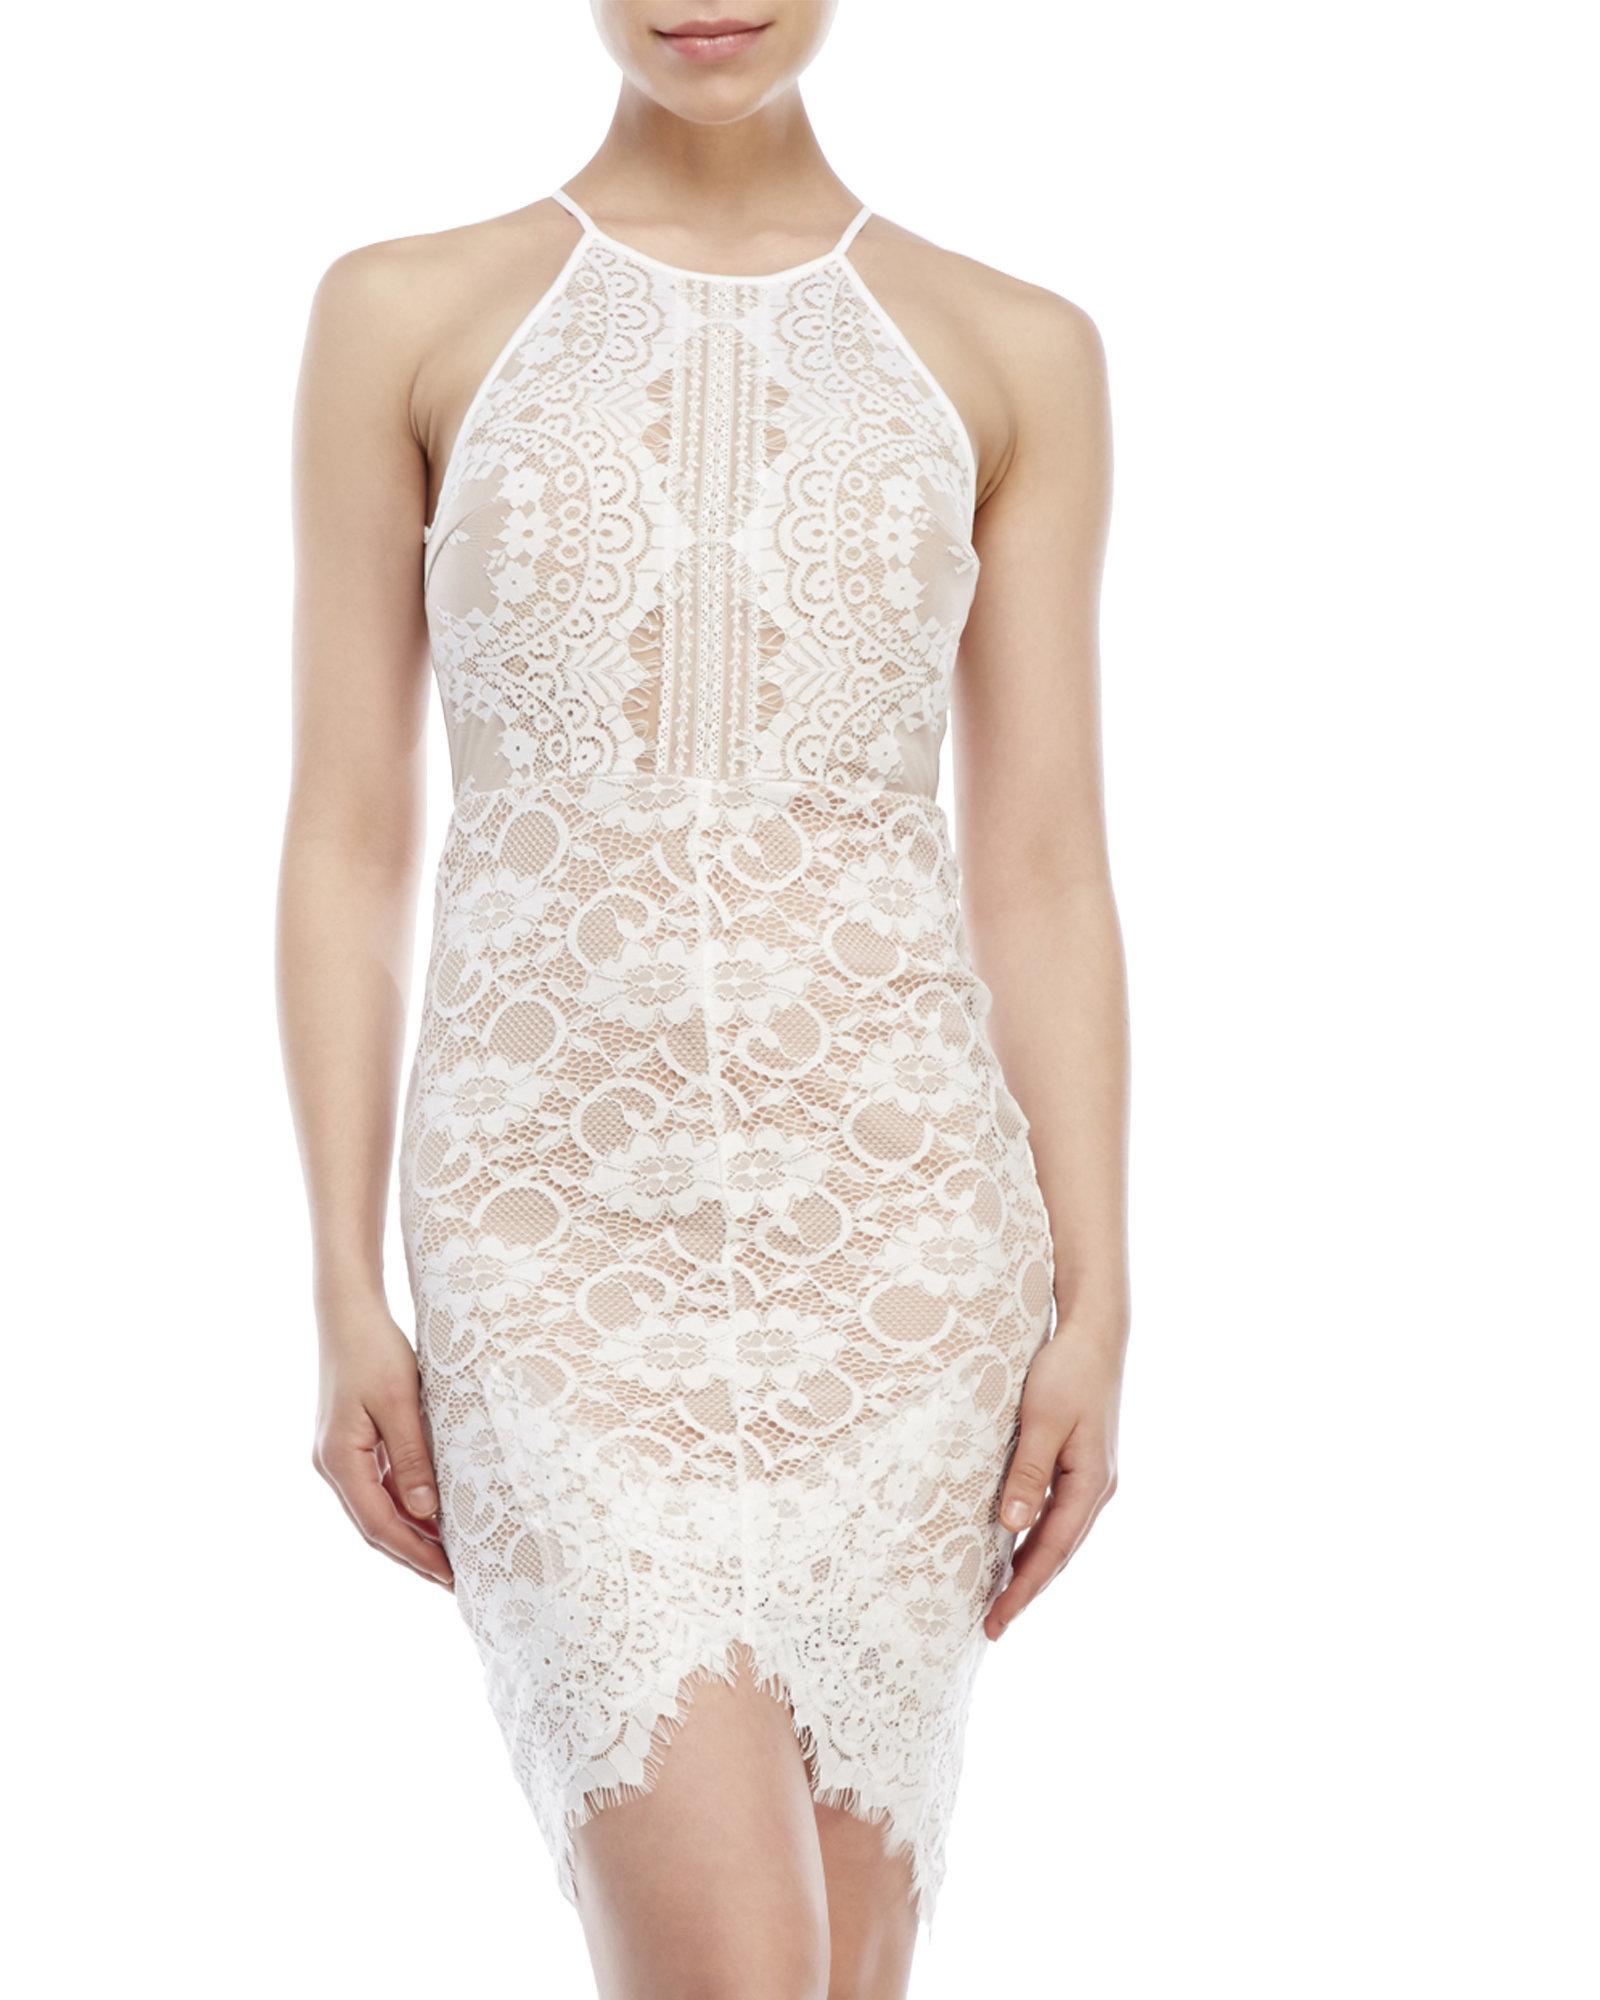 81fdd6e1c6e6 Lush Body-Con Lace Illusion Dress in White - Lyst